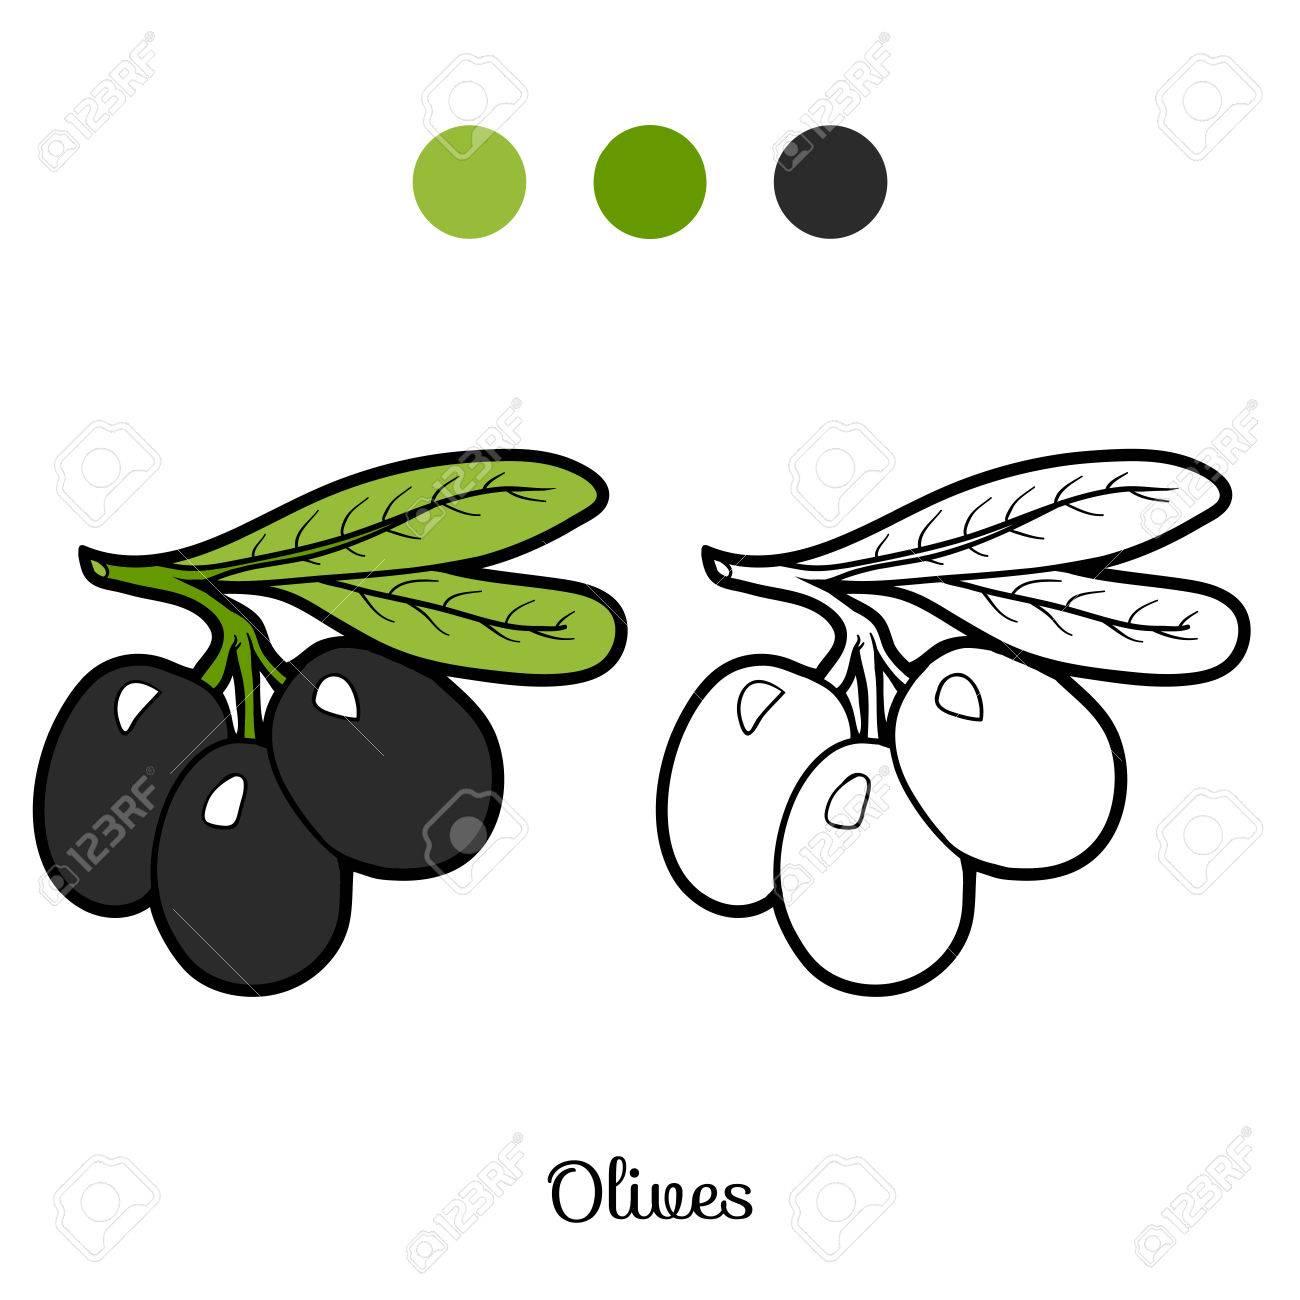 Libro Para Colorear Para Niños: Frutas Y Verduras (aceitunas